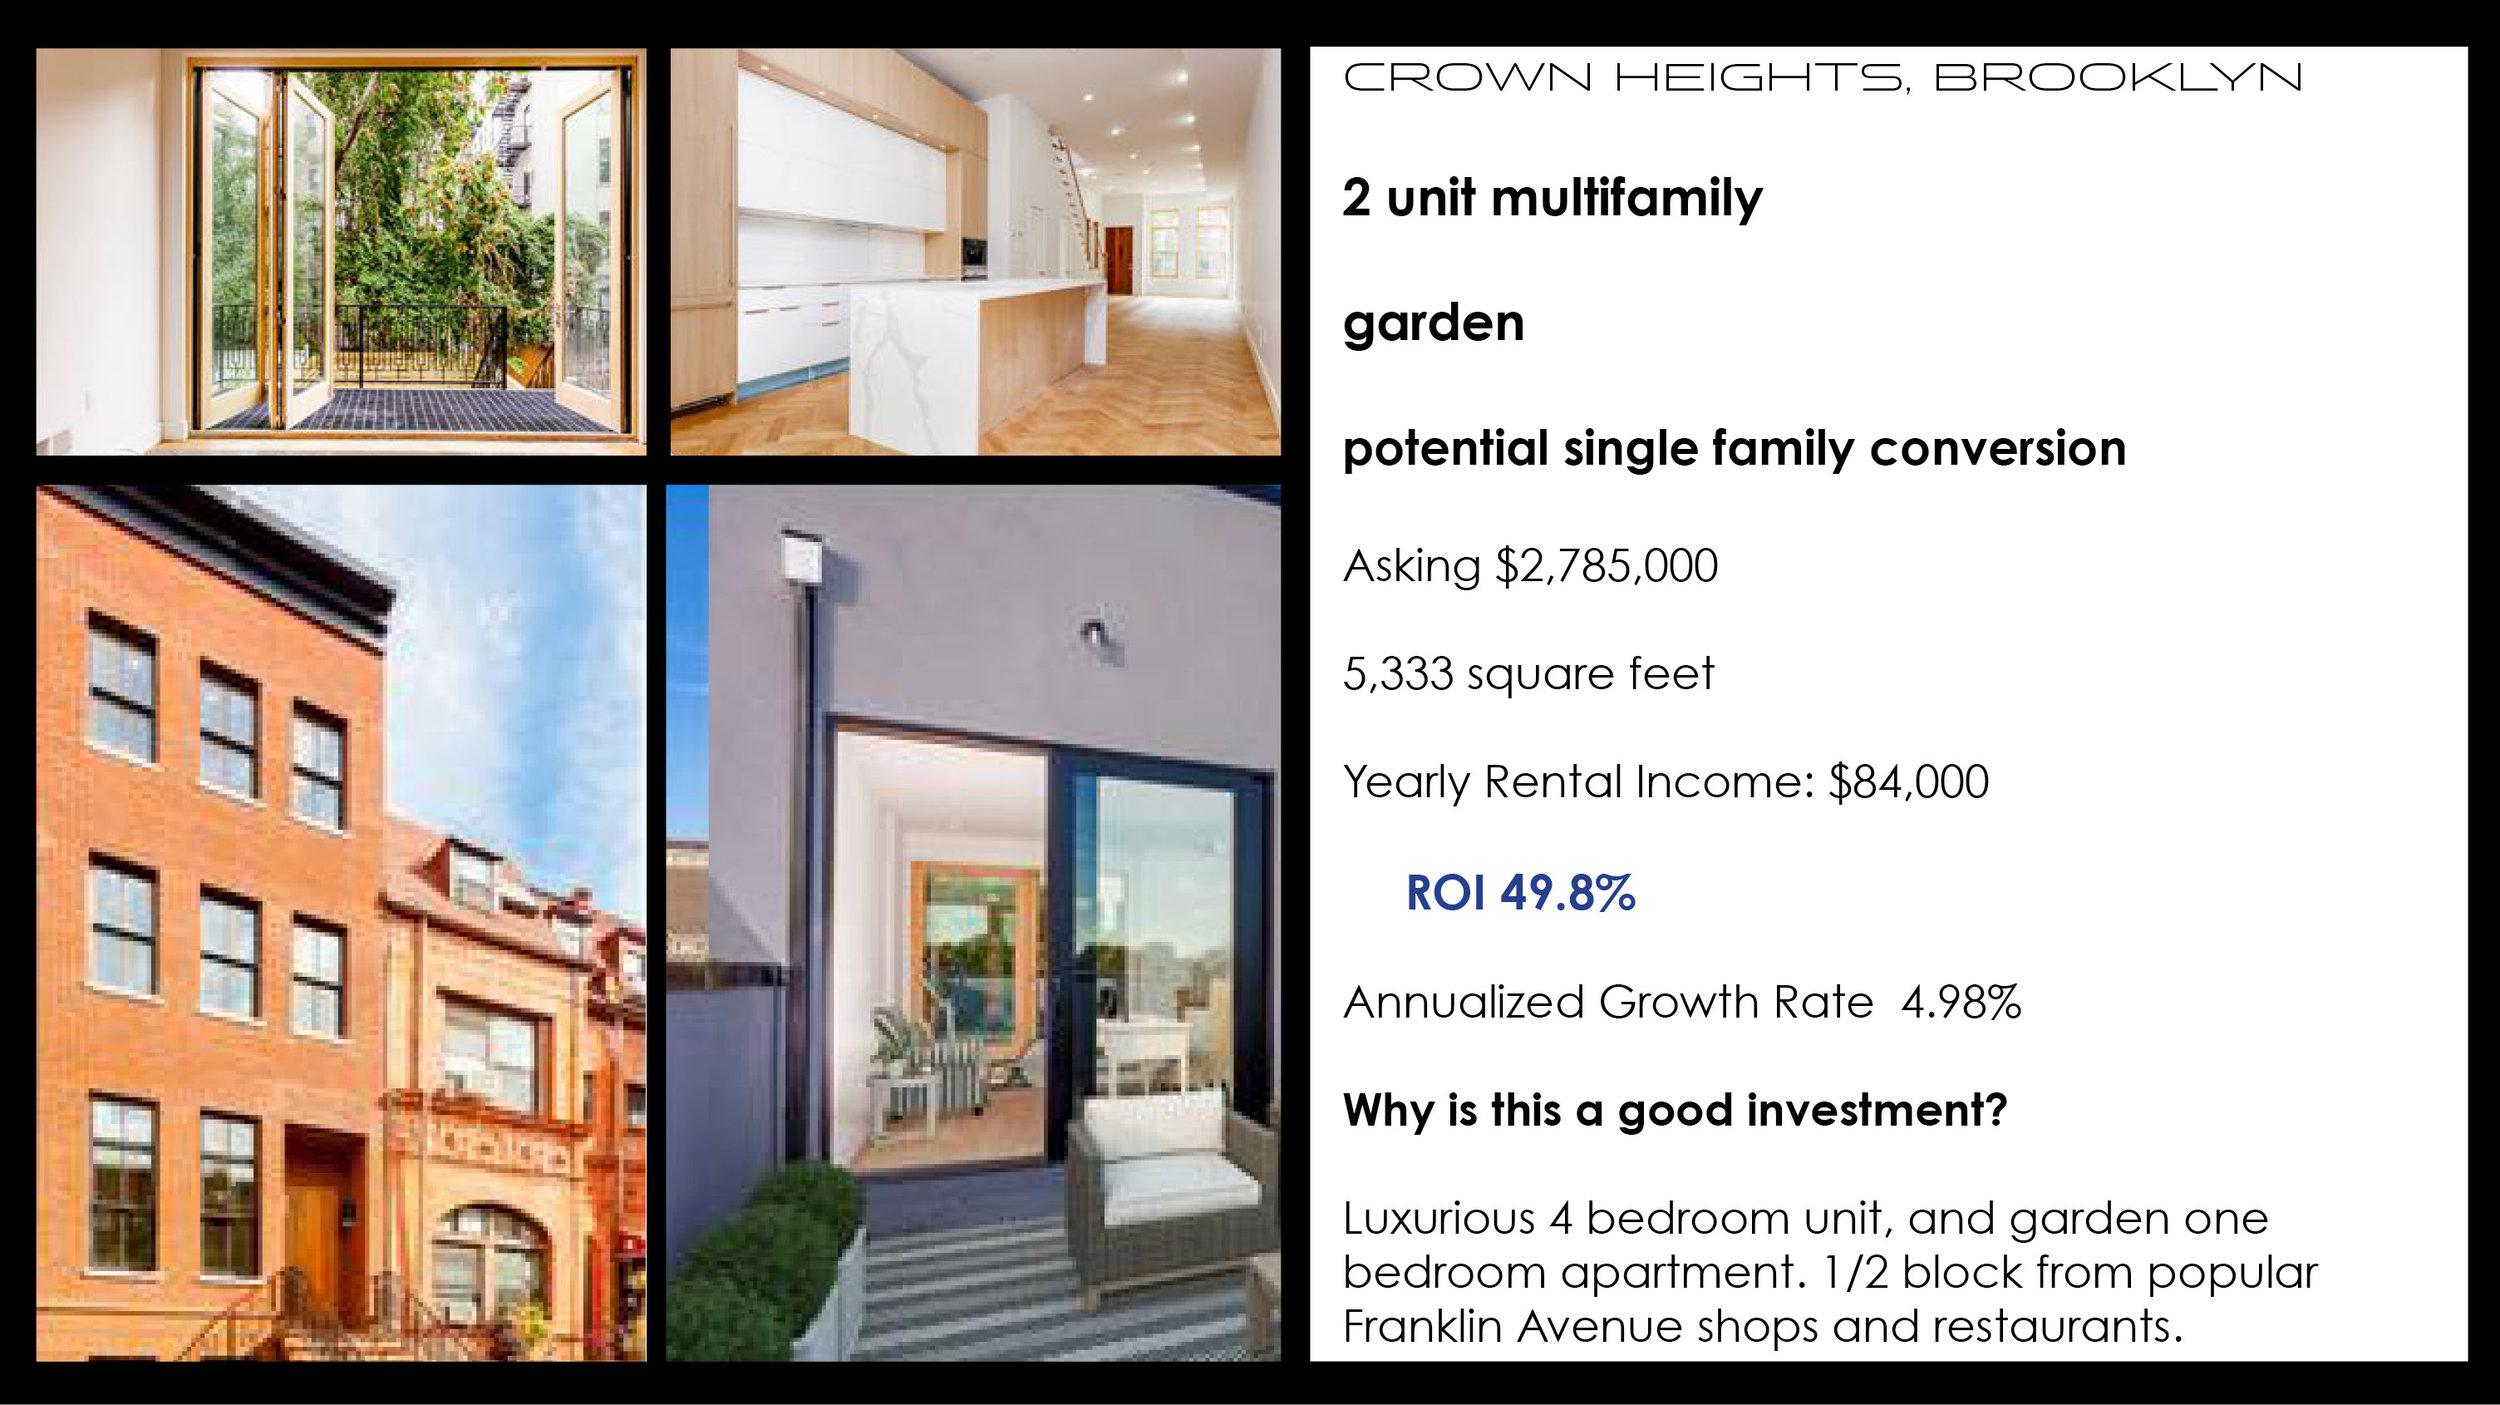 Investment Property Slides13.jpg